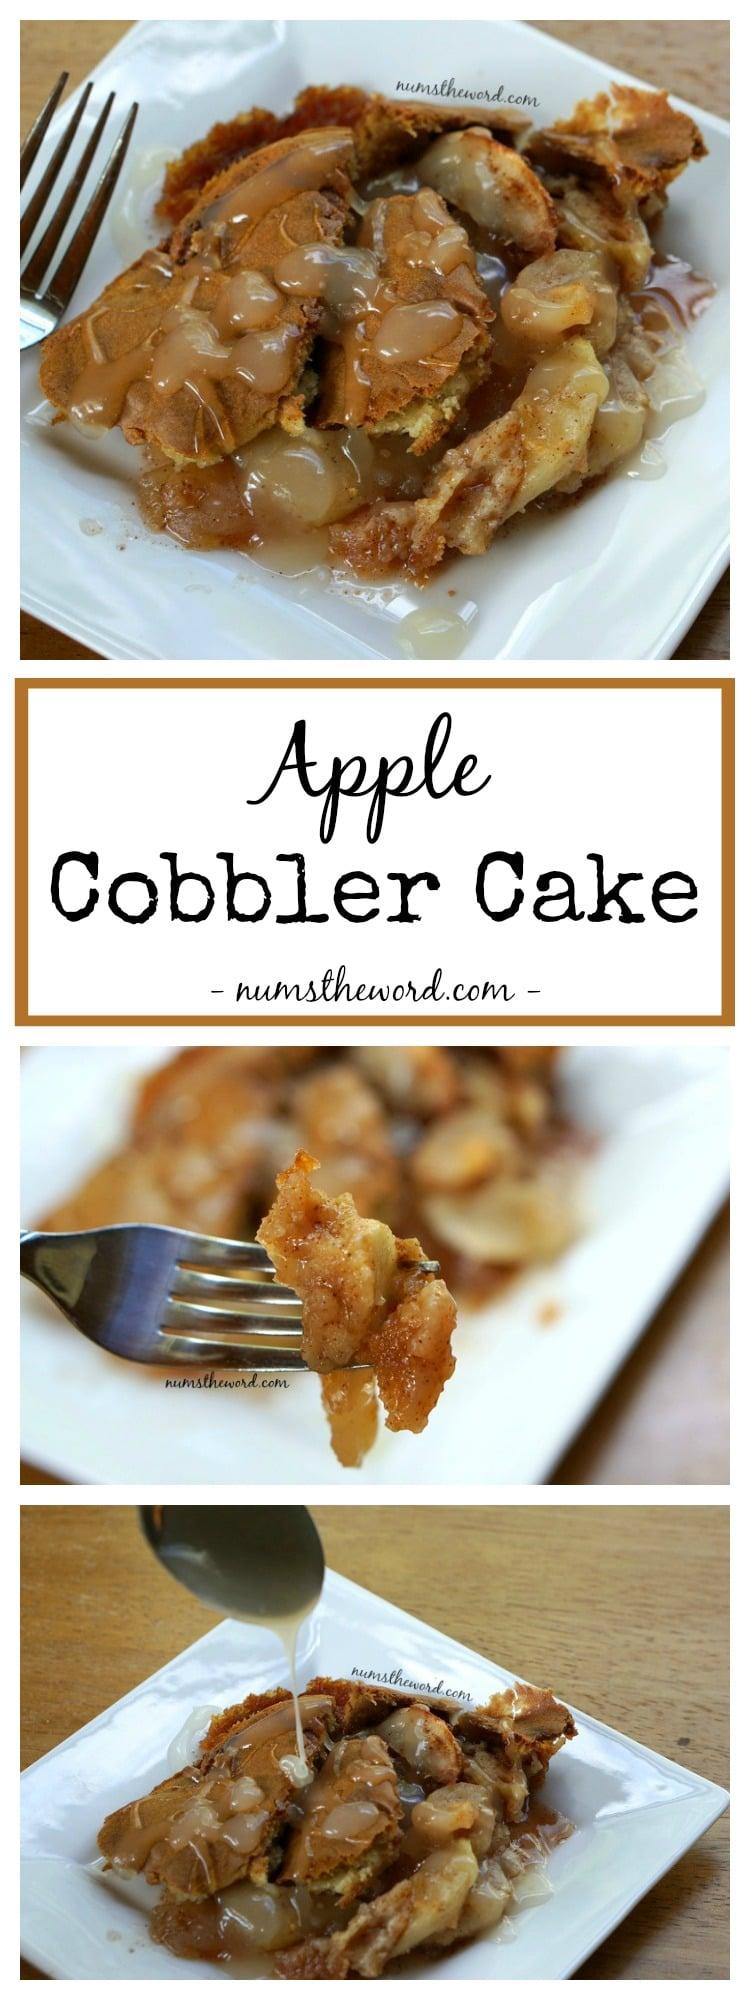 Apple Cobbler Cake